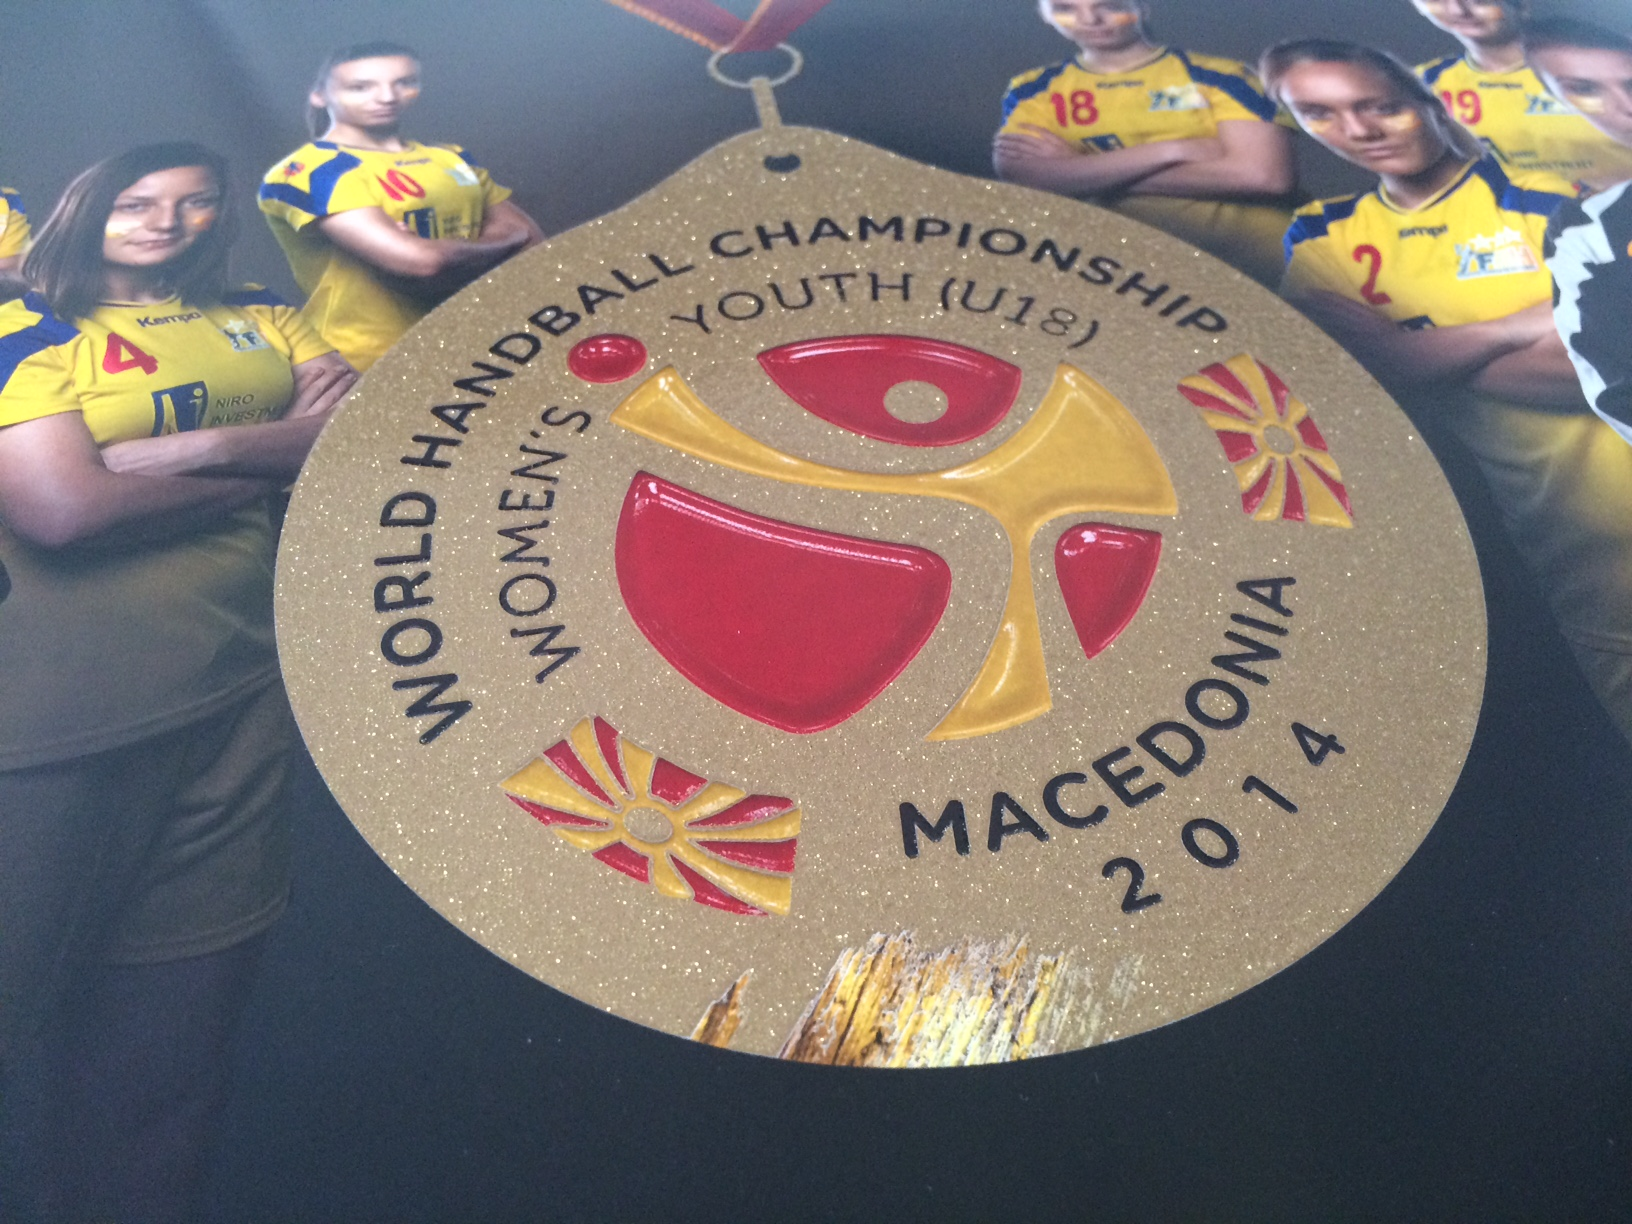 afis cu aur de la campionatul mondial de handbal u18 (1)